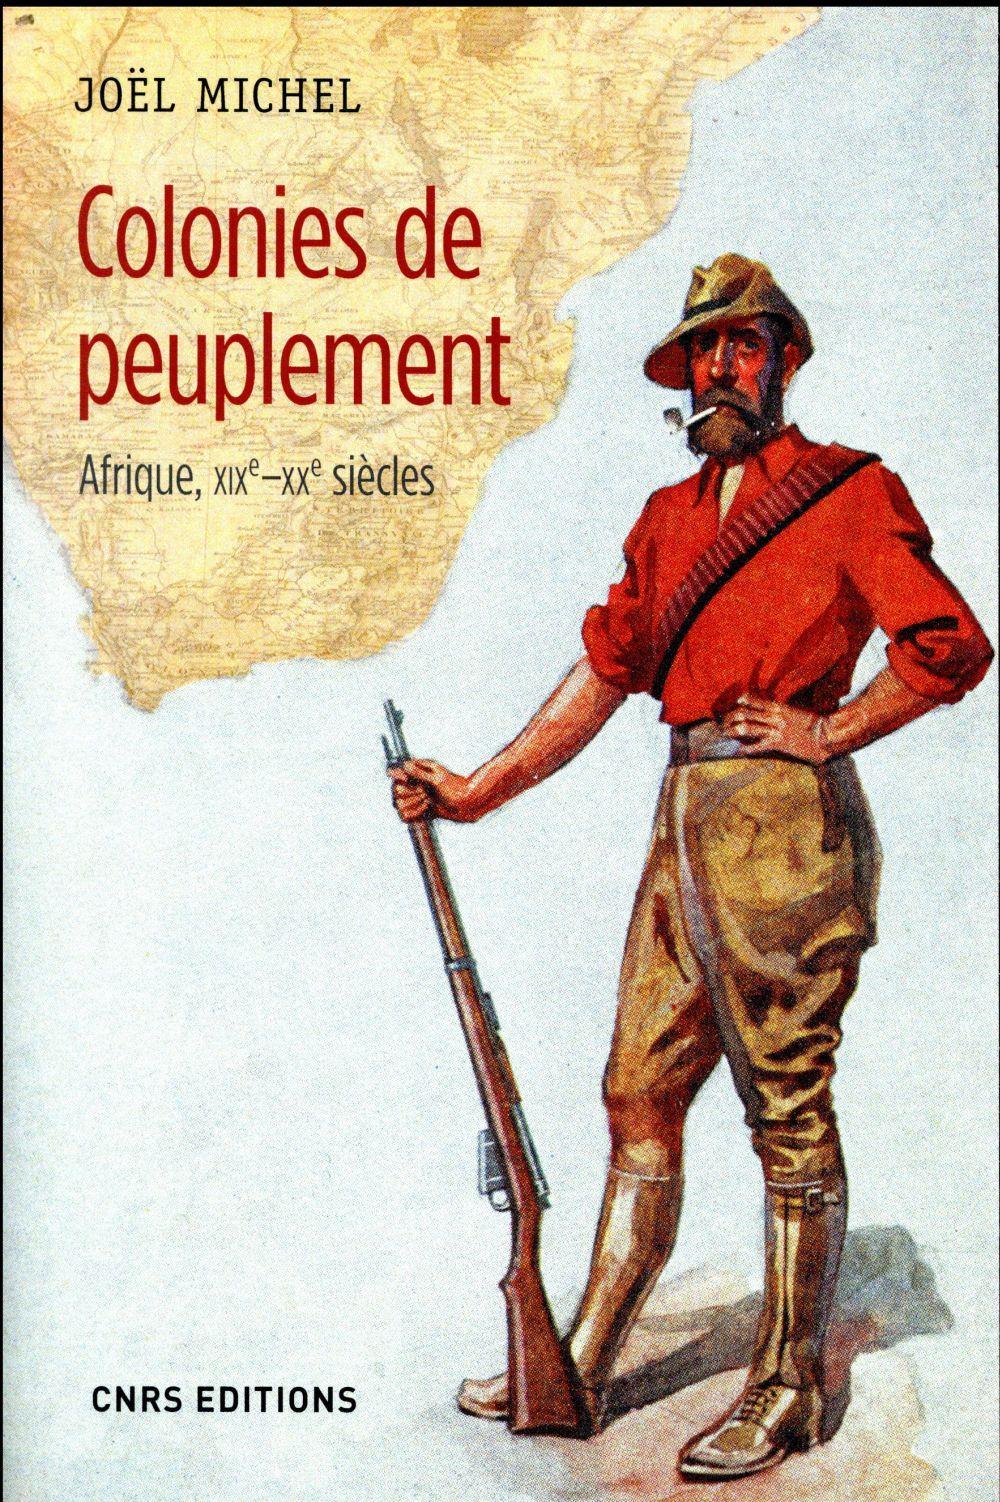 COLONIES DE PEUPLEMENT AFRIQUE XIXE-XXE SIECLE